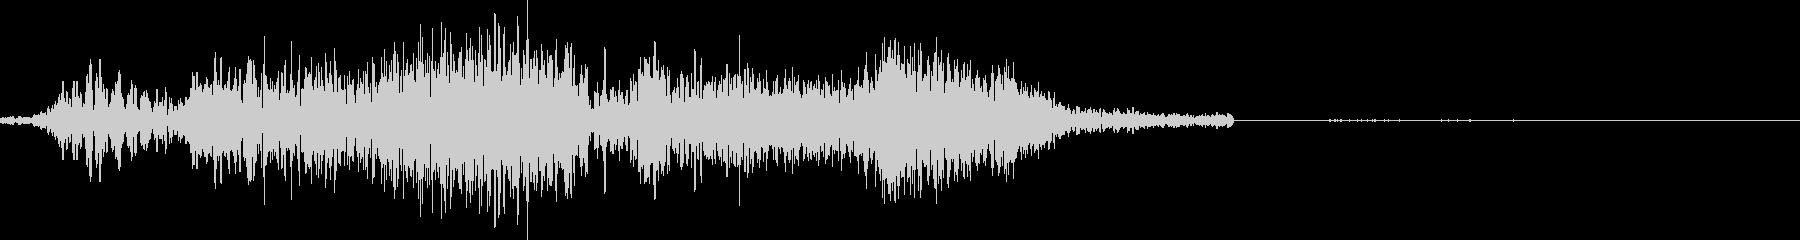 テキストフェードマトリックスノートベンドの未再生の波形